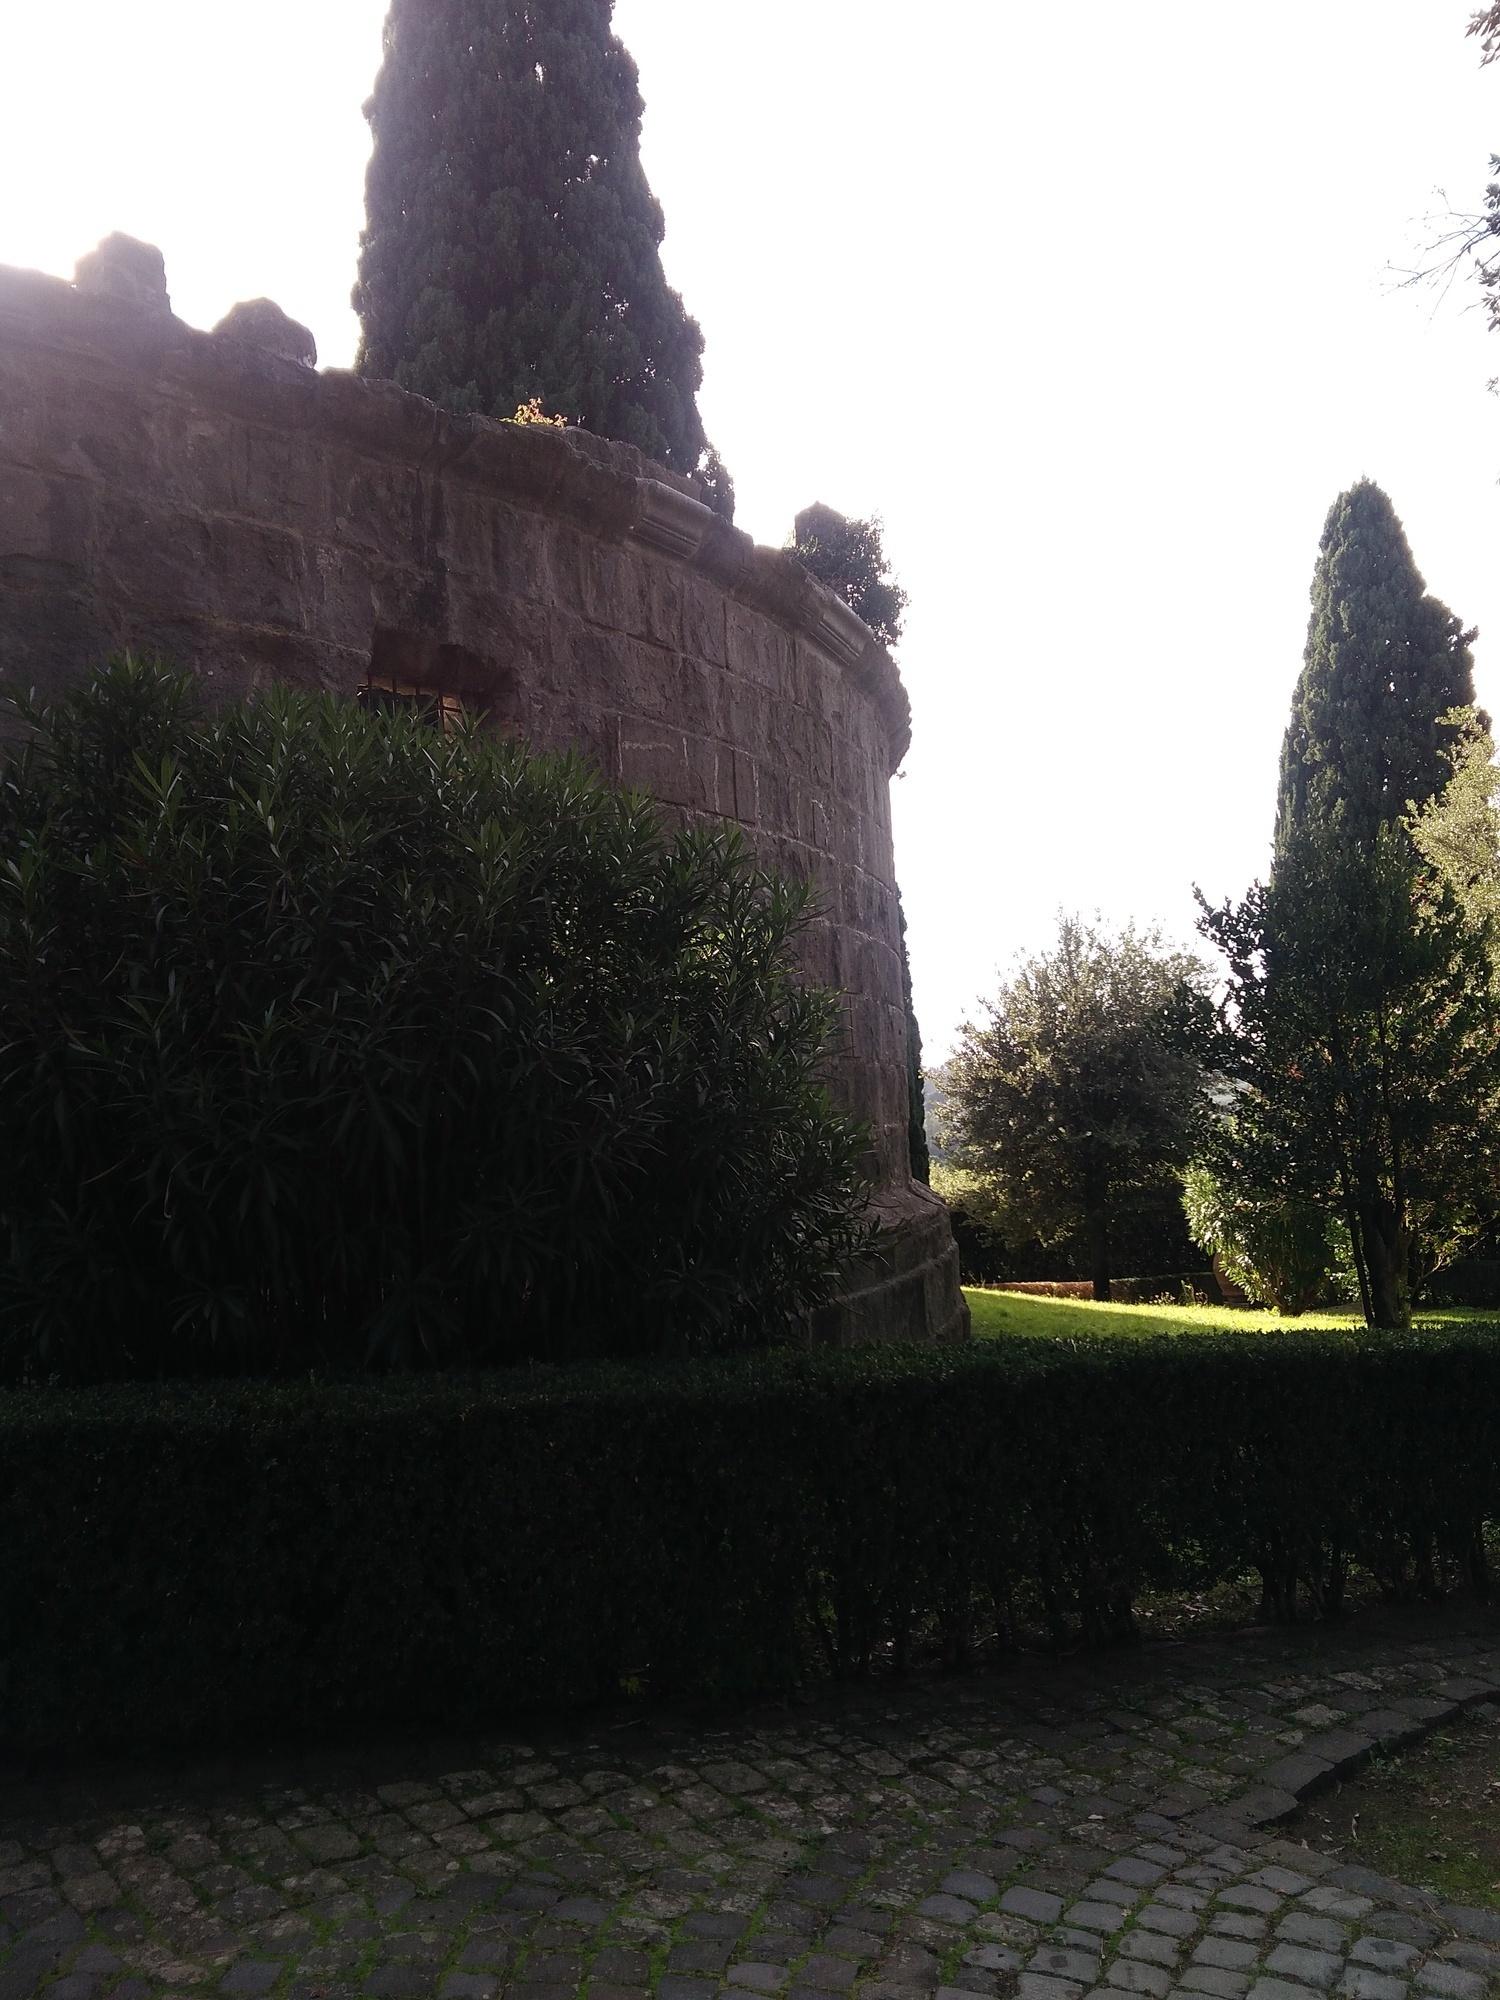 Продается роскошная историческая виллa в Фраскати, Италия - Фото 0